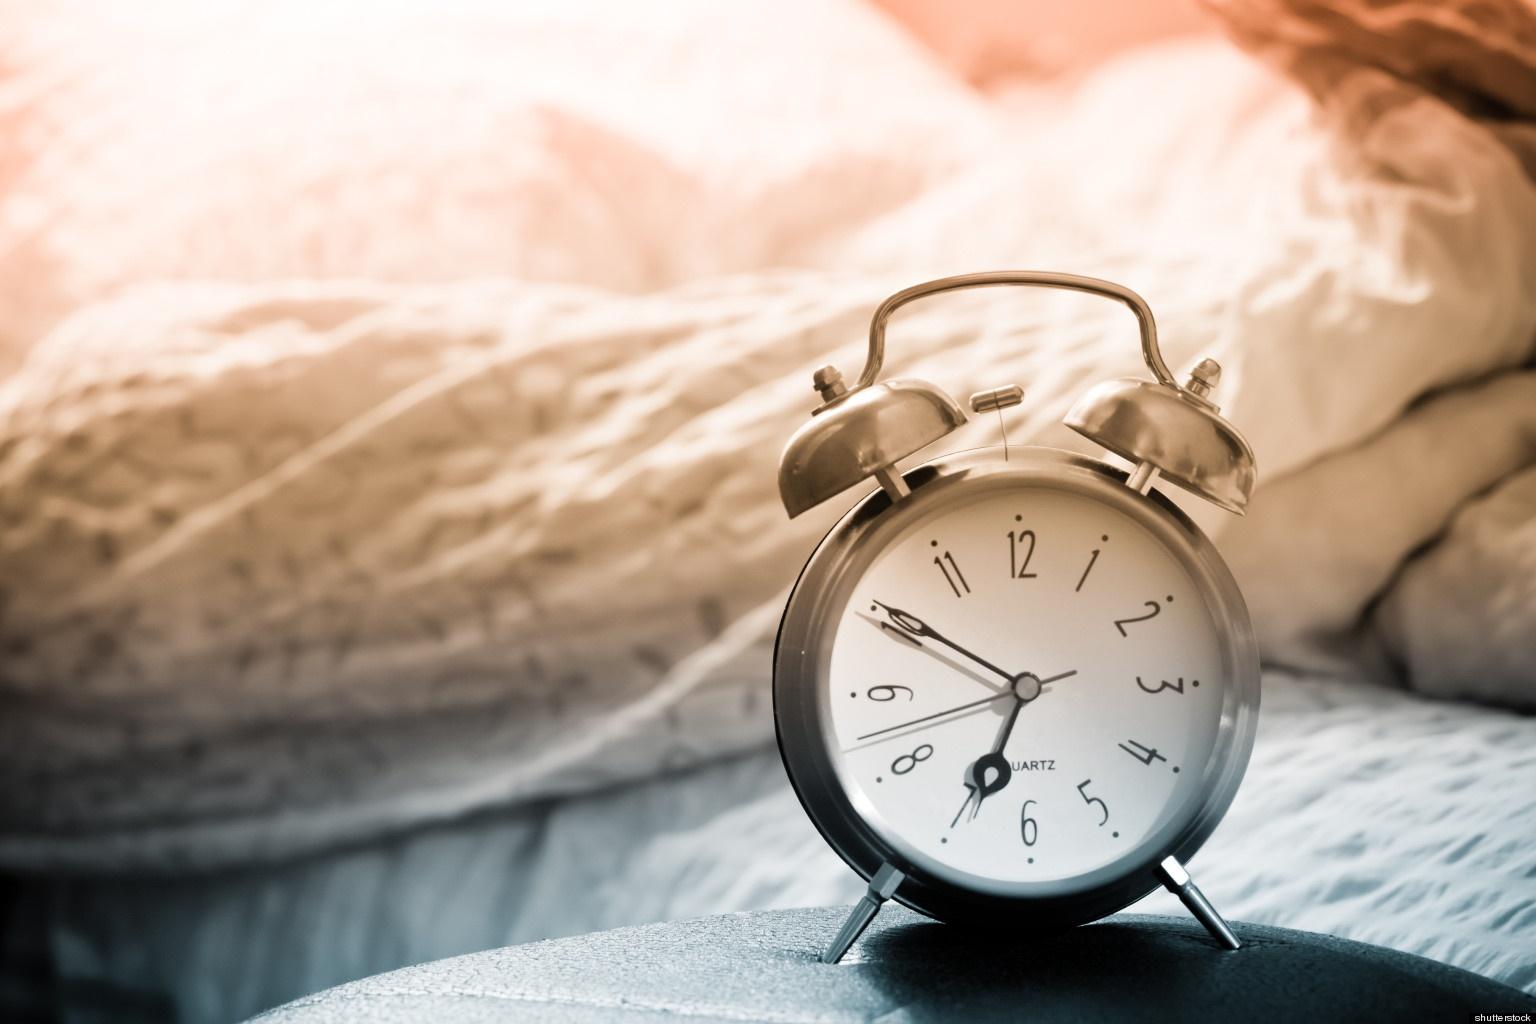 چطور فعالیت روزانه را برای خواب خوب شبانه سازماندهی کنیم؟